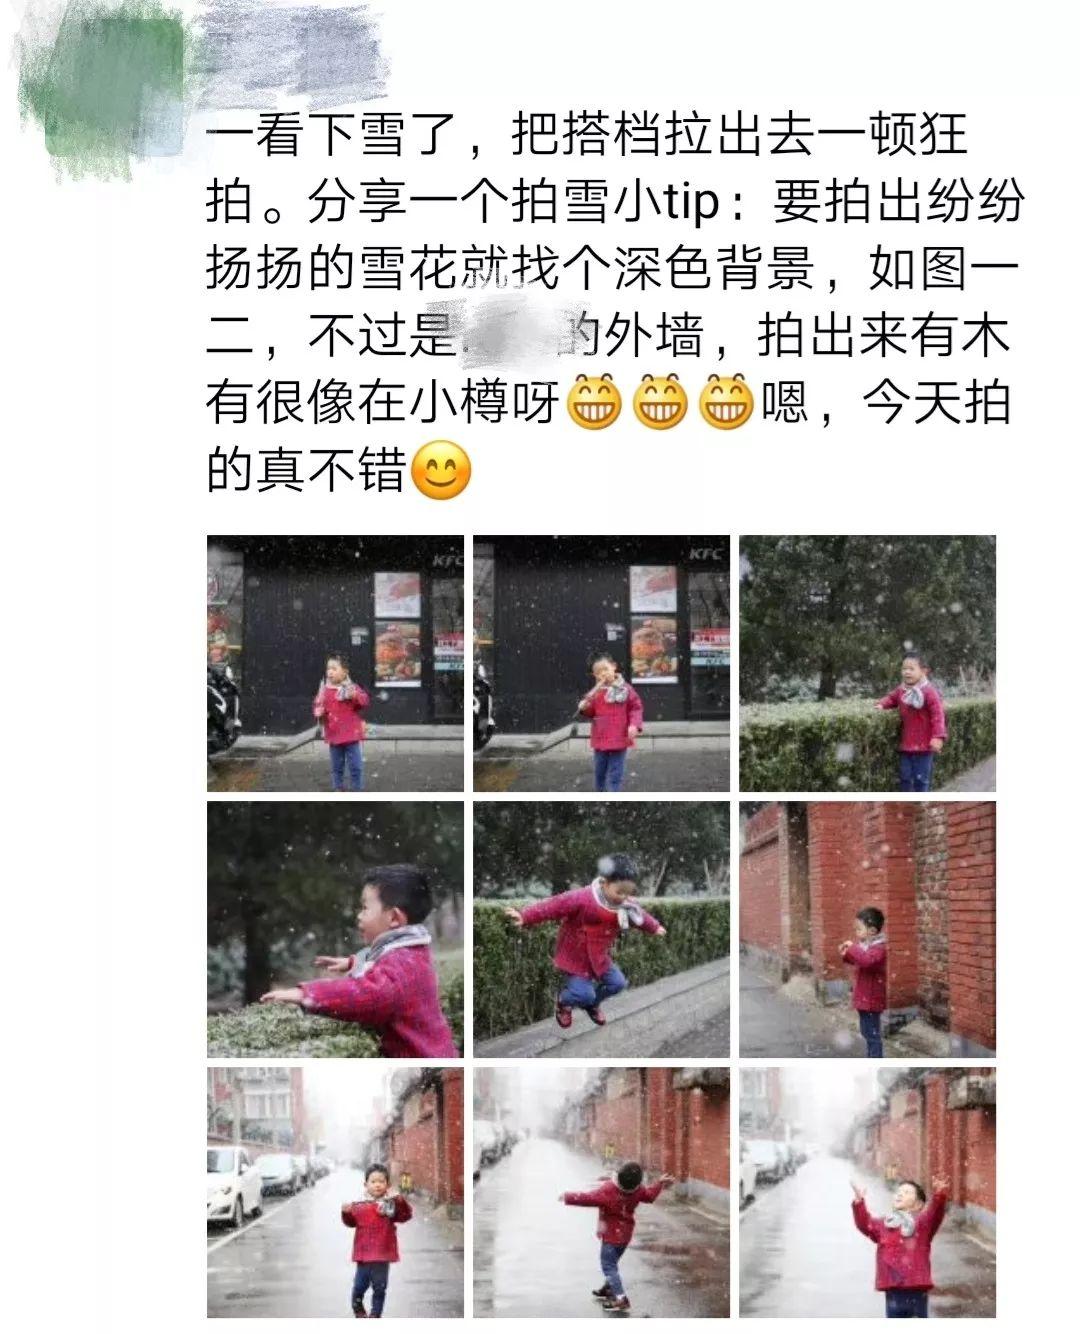 http://www.jiaokaotong.cn/kaoyangongbo/283423.html